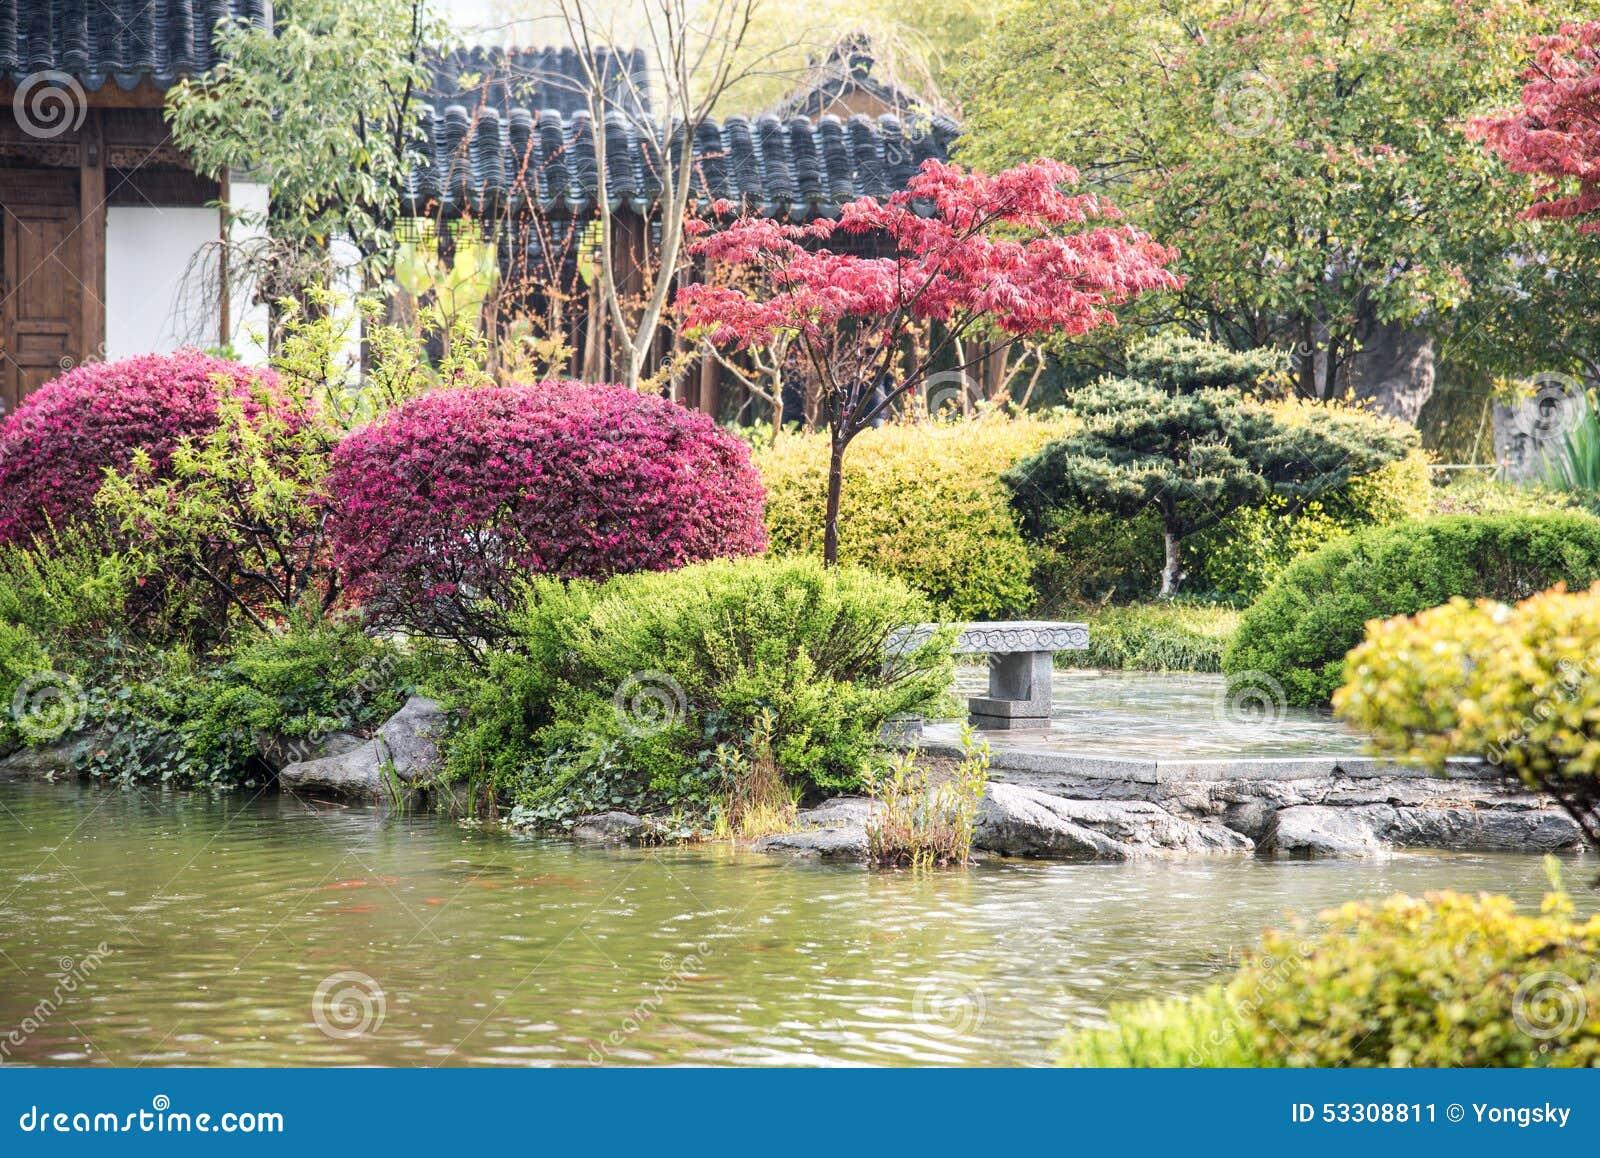 Le jardin de pluie image stock image du soie nanjing for Le jardin zoologique de berlin